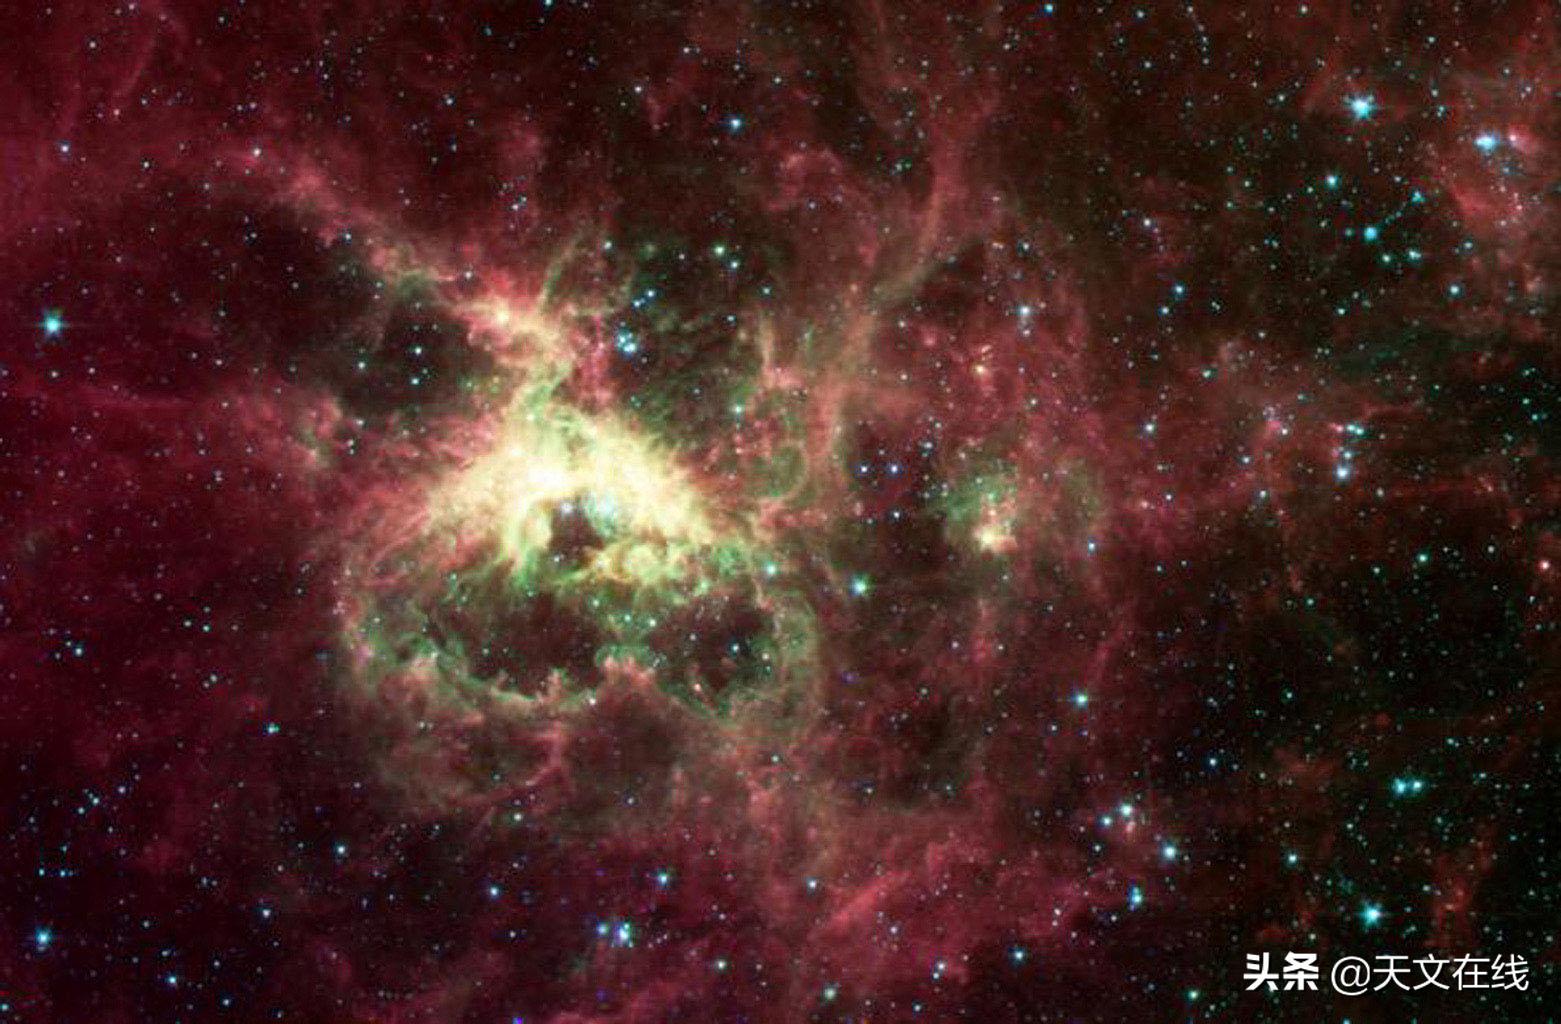 从斯皮策望远镜中看到的蜘蛛星云